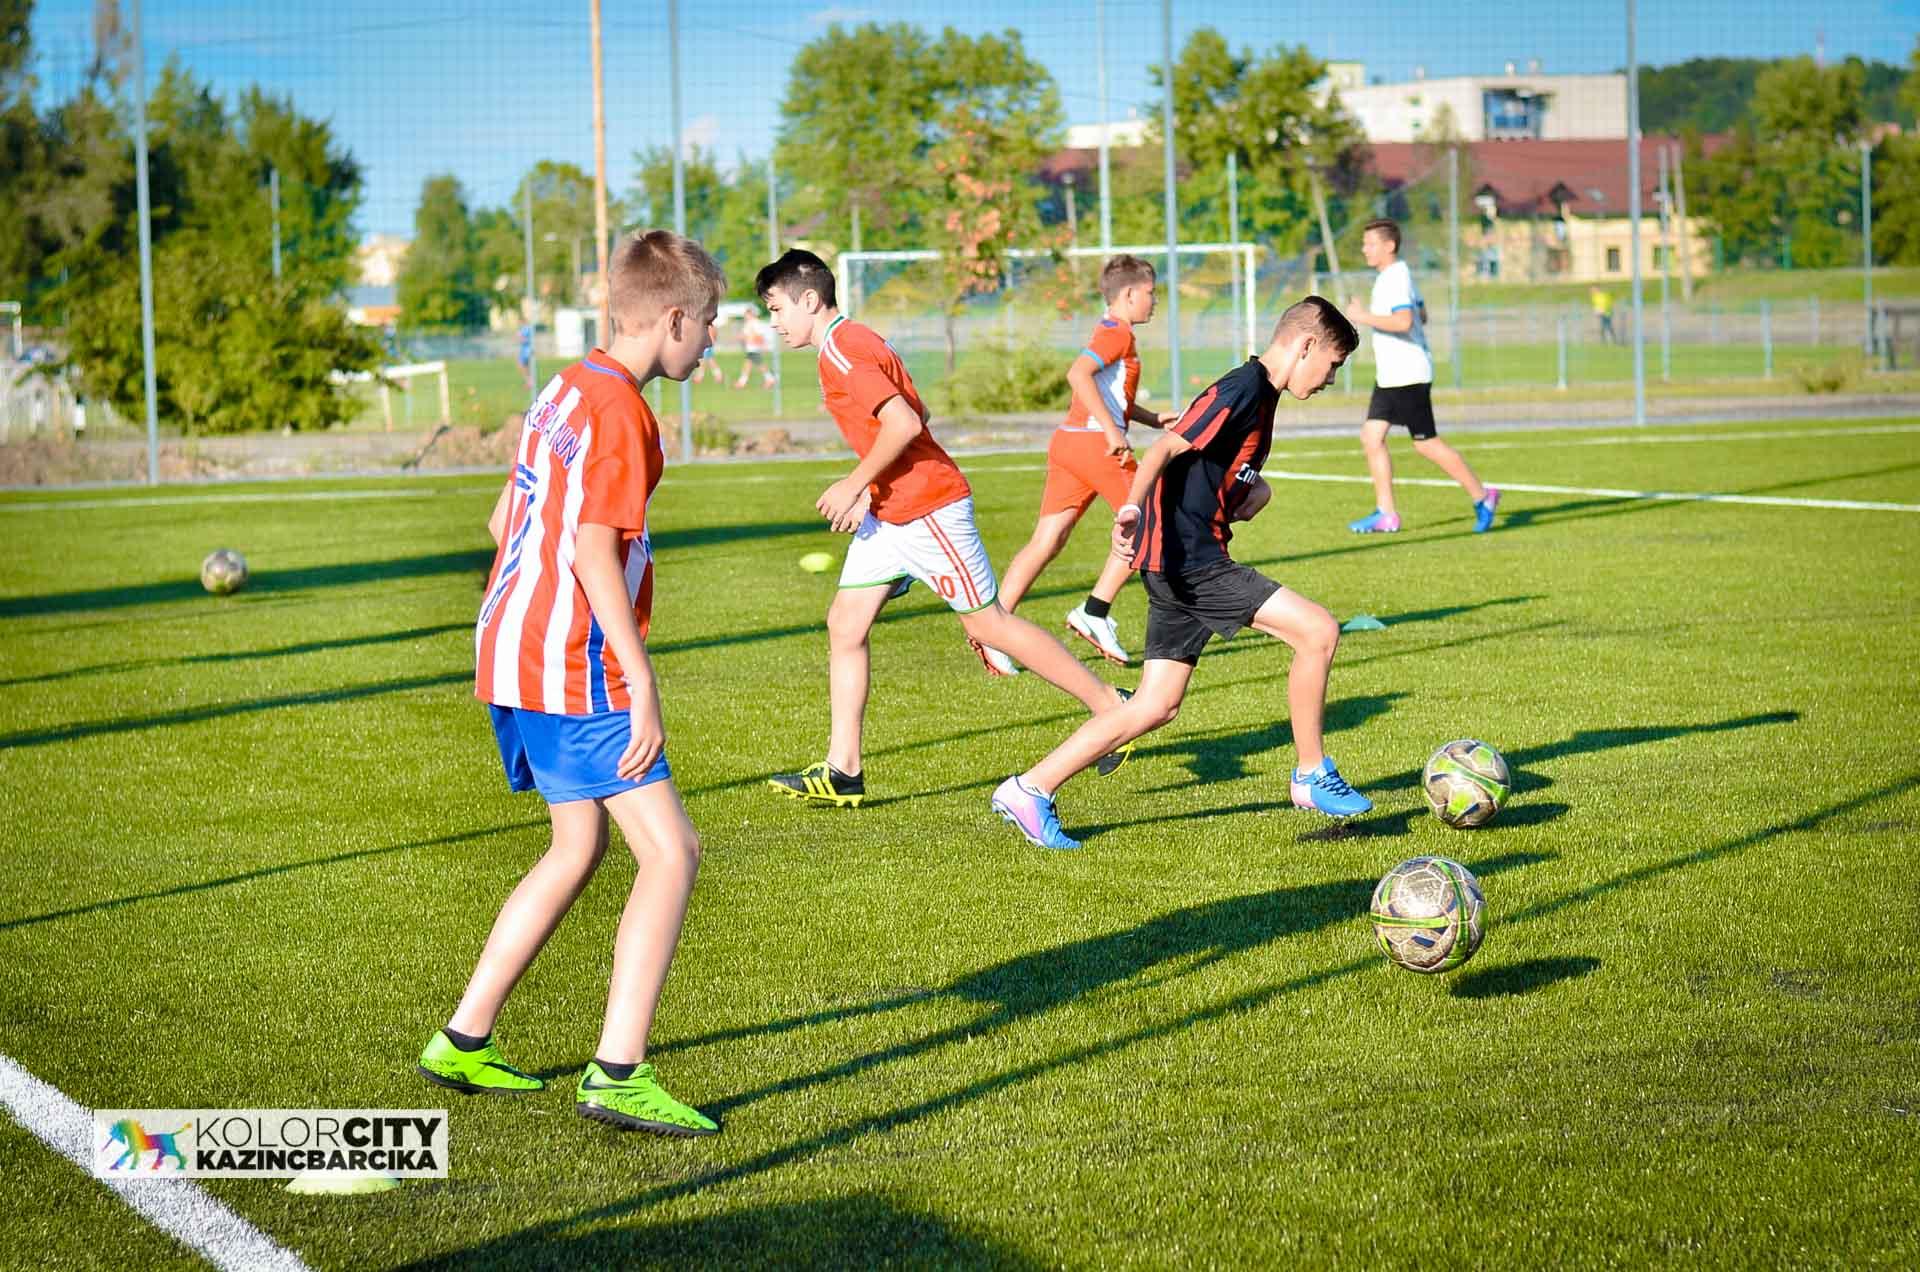 http://kbsc.hu/Négy meccset játszott ma a KBSC utánpótlása